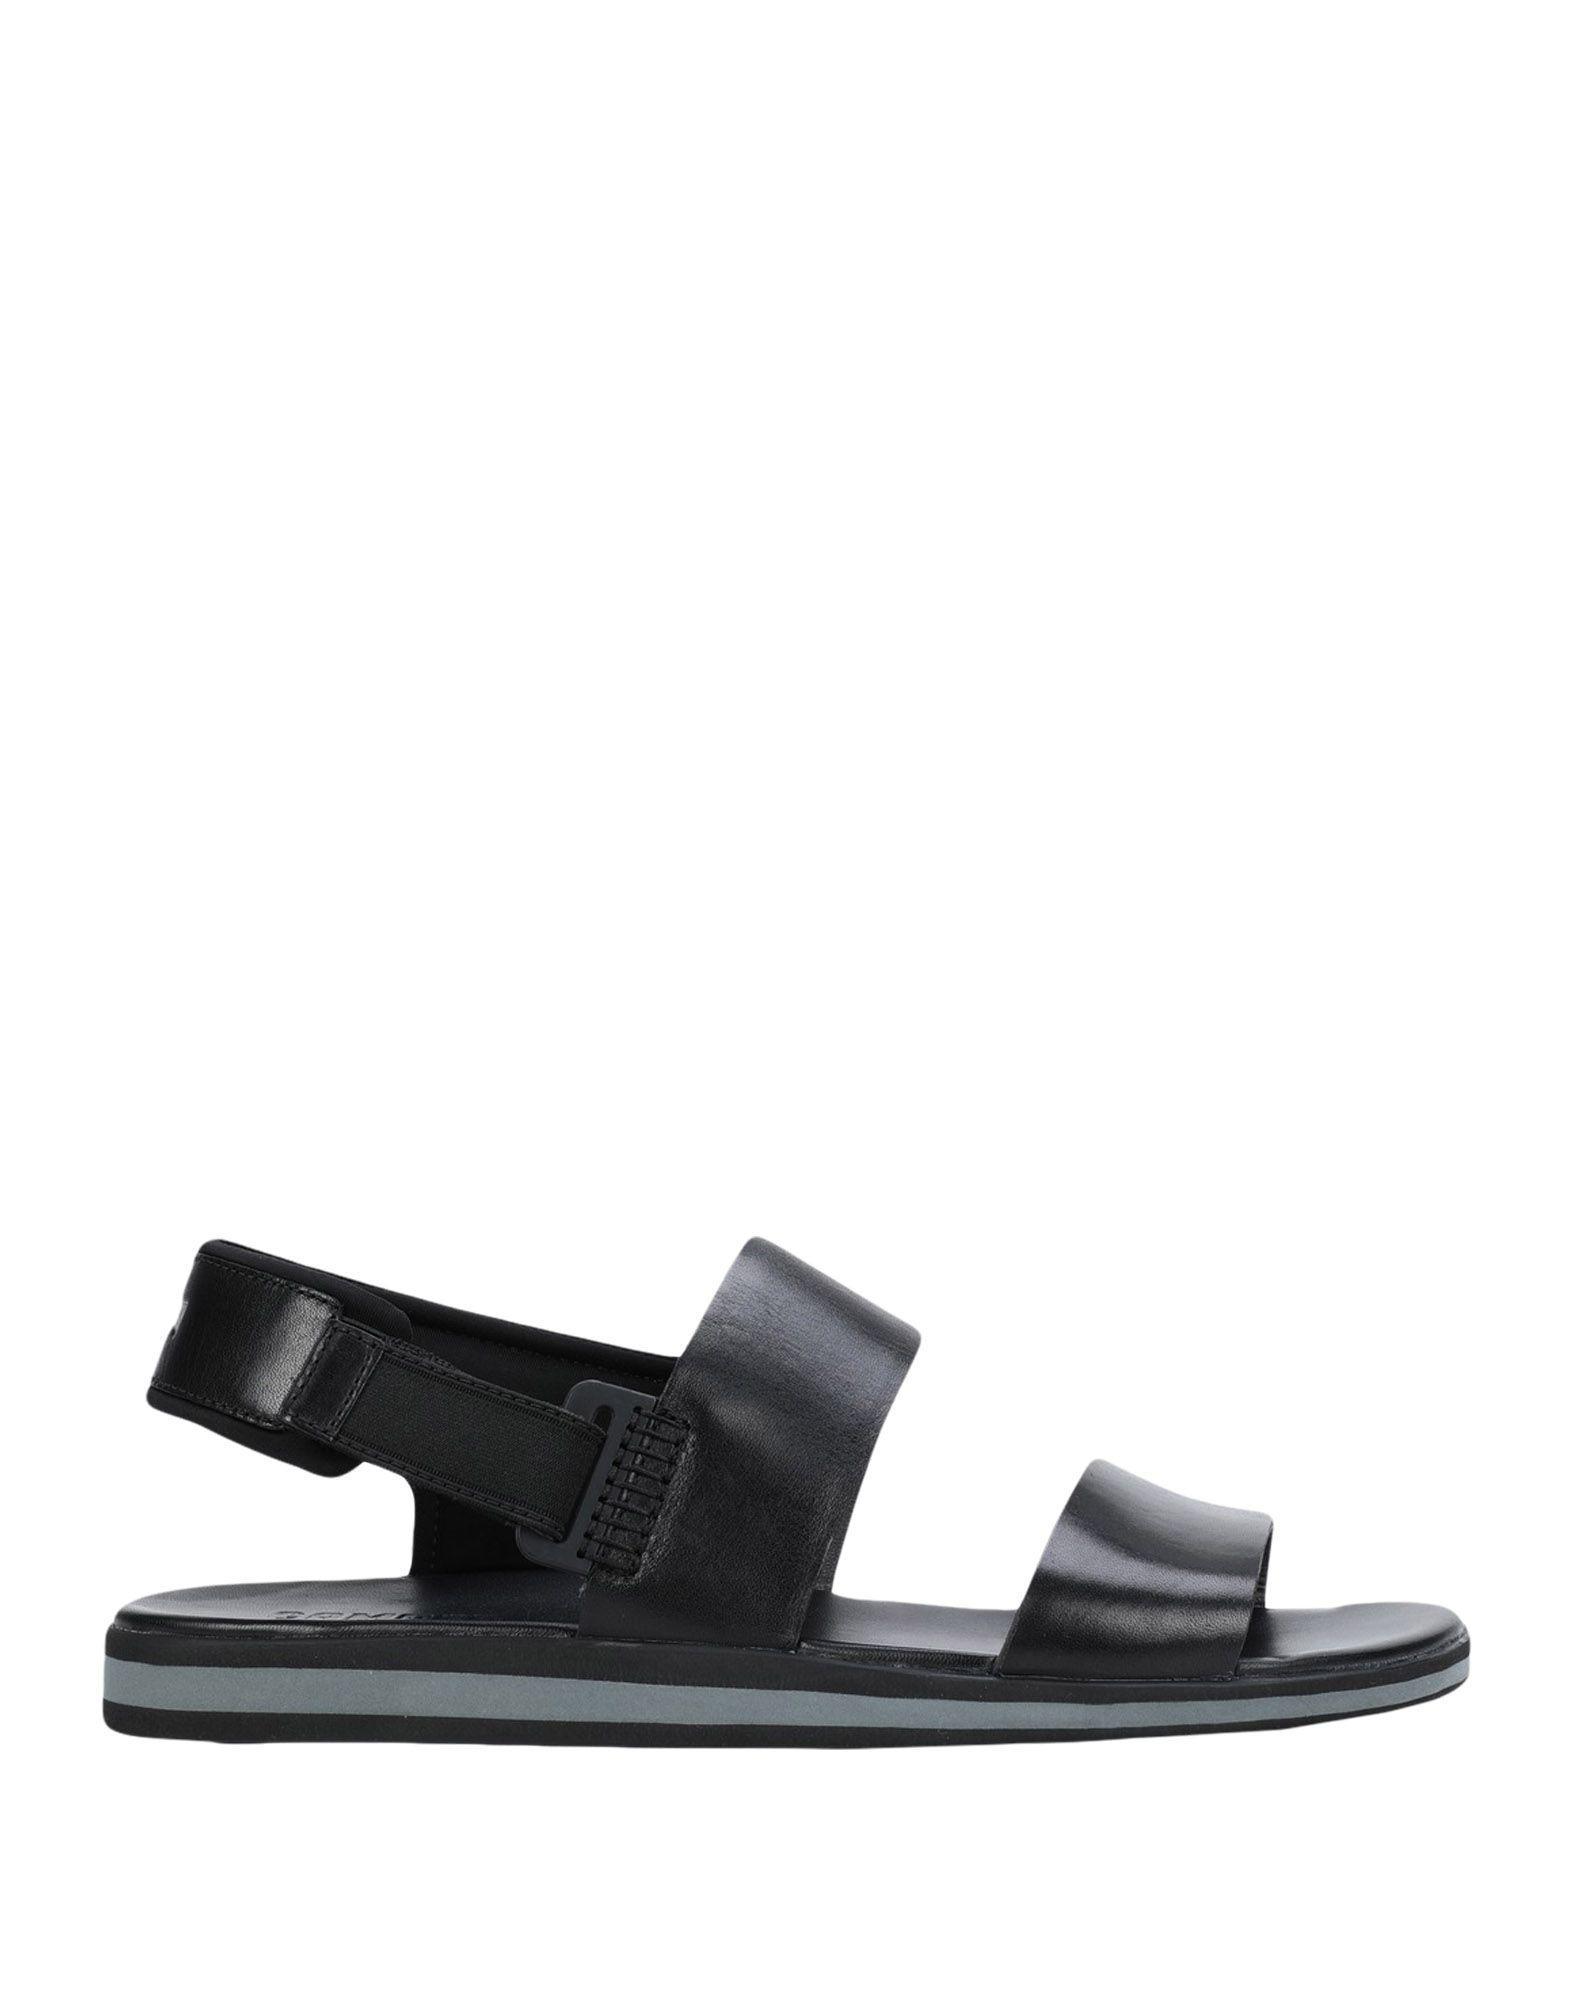 3dc148a58bfb Lyst - Camper Sandals in Black for Men - Save 16%